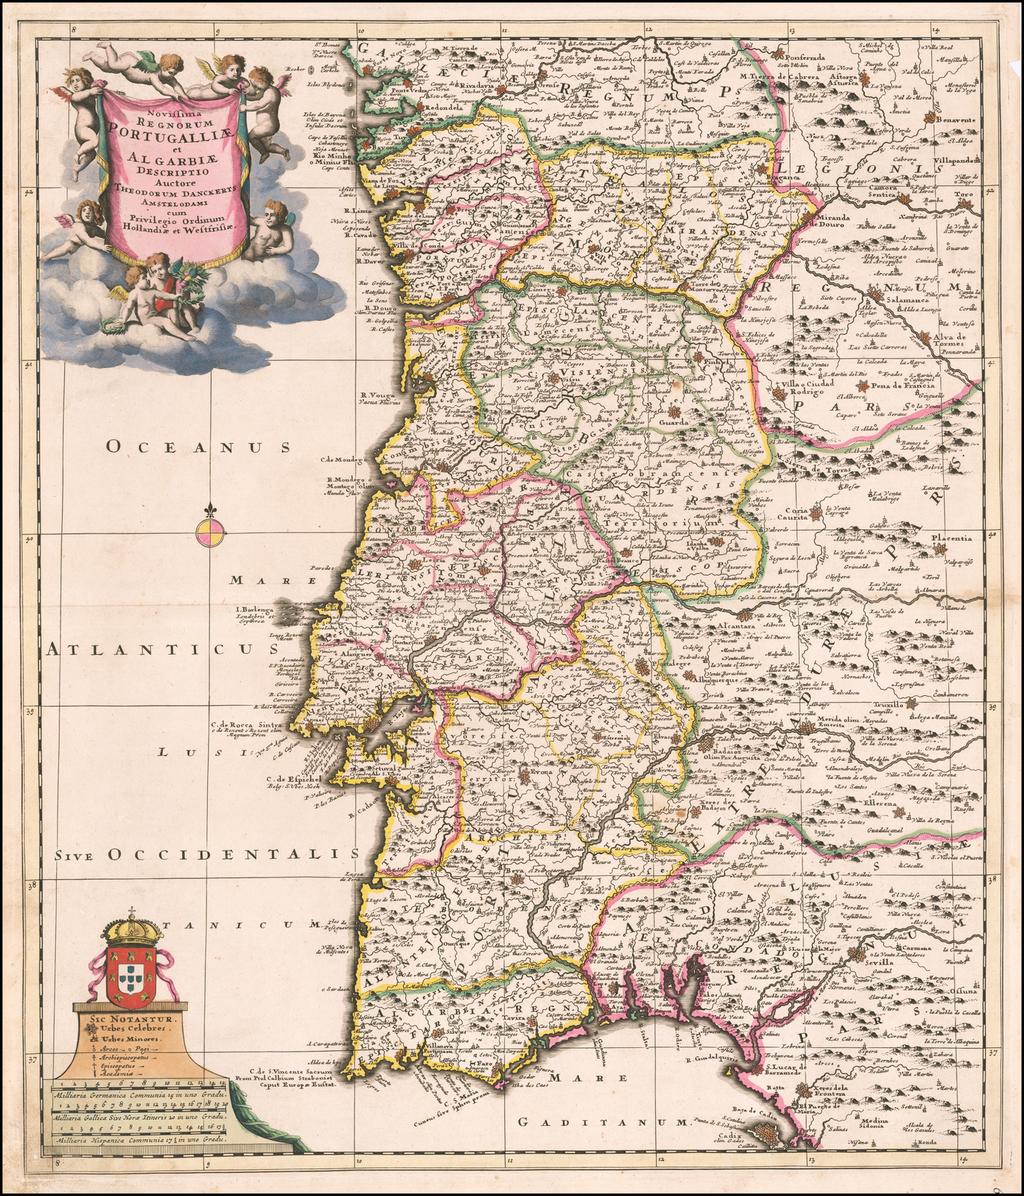 Novissima Regnorum Portugalliae et Algarbiae Descriptio Acutore Theodroum Danckerts…. By Theodorus I Danckerts